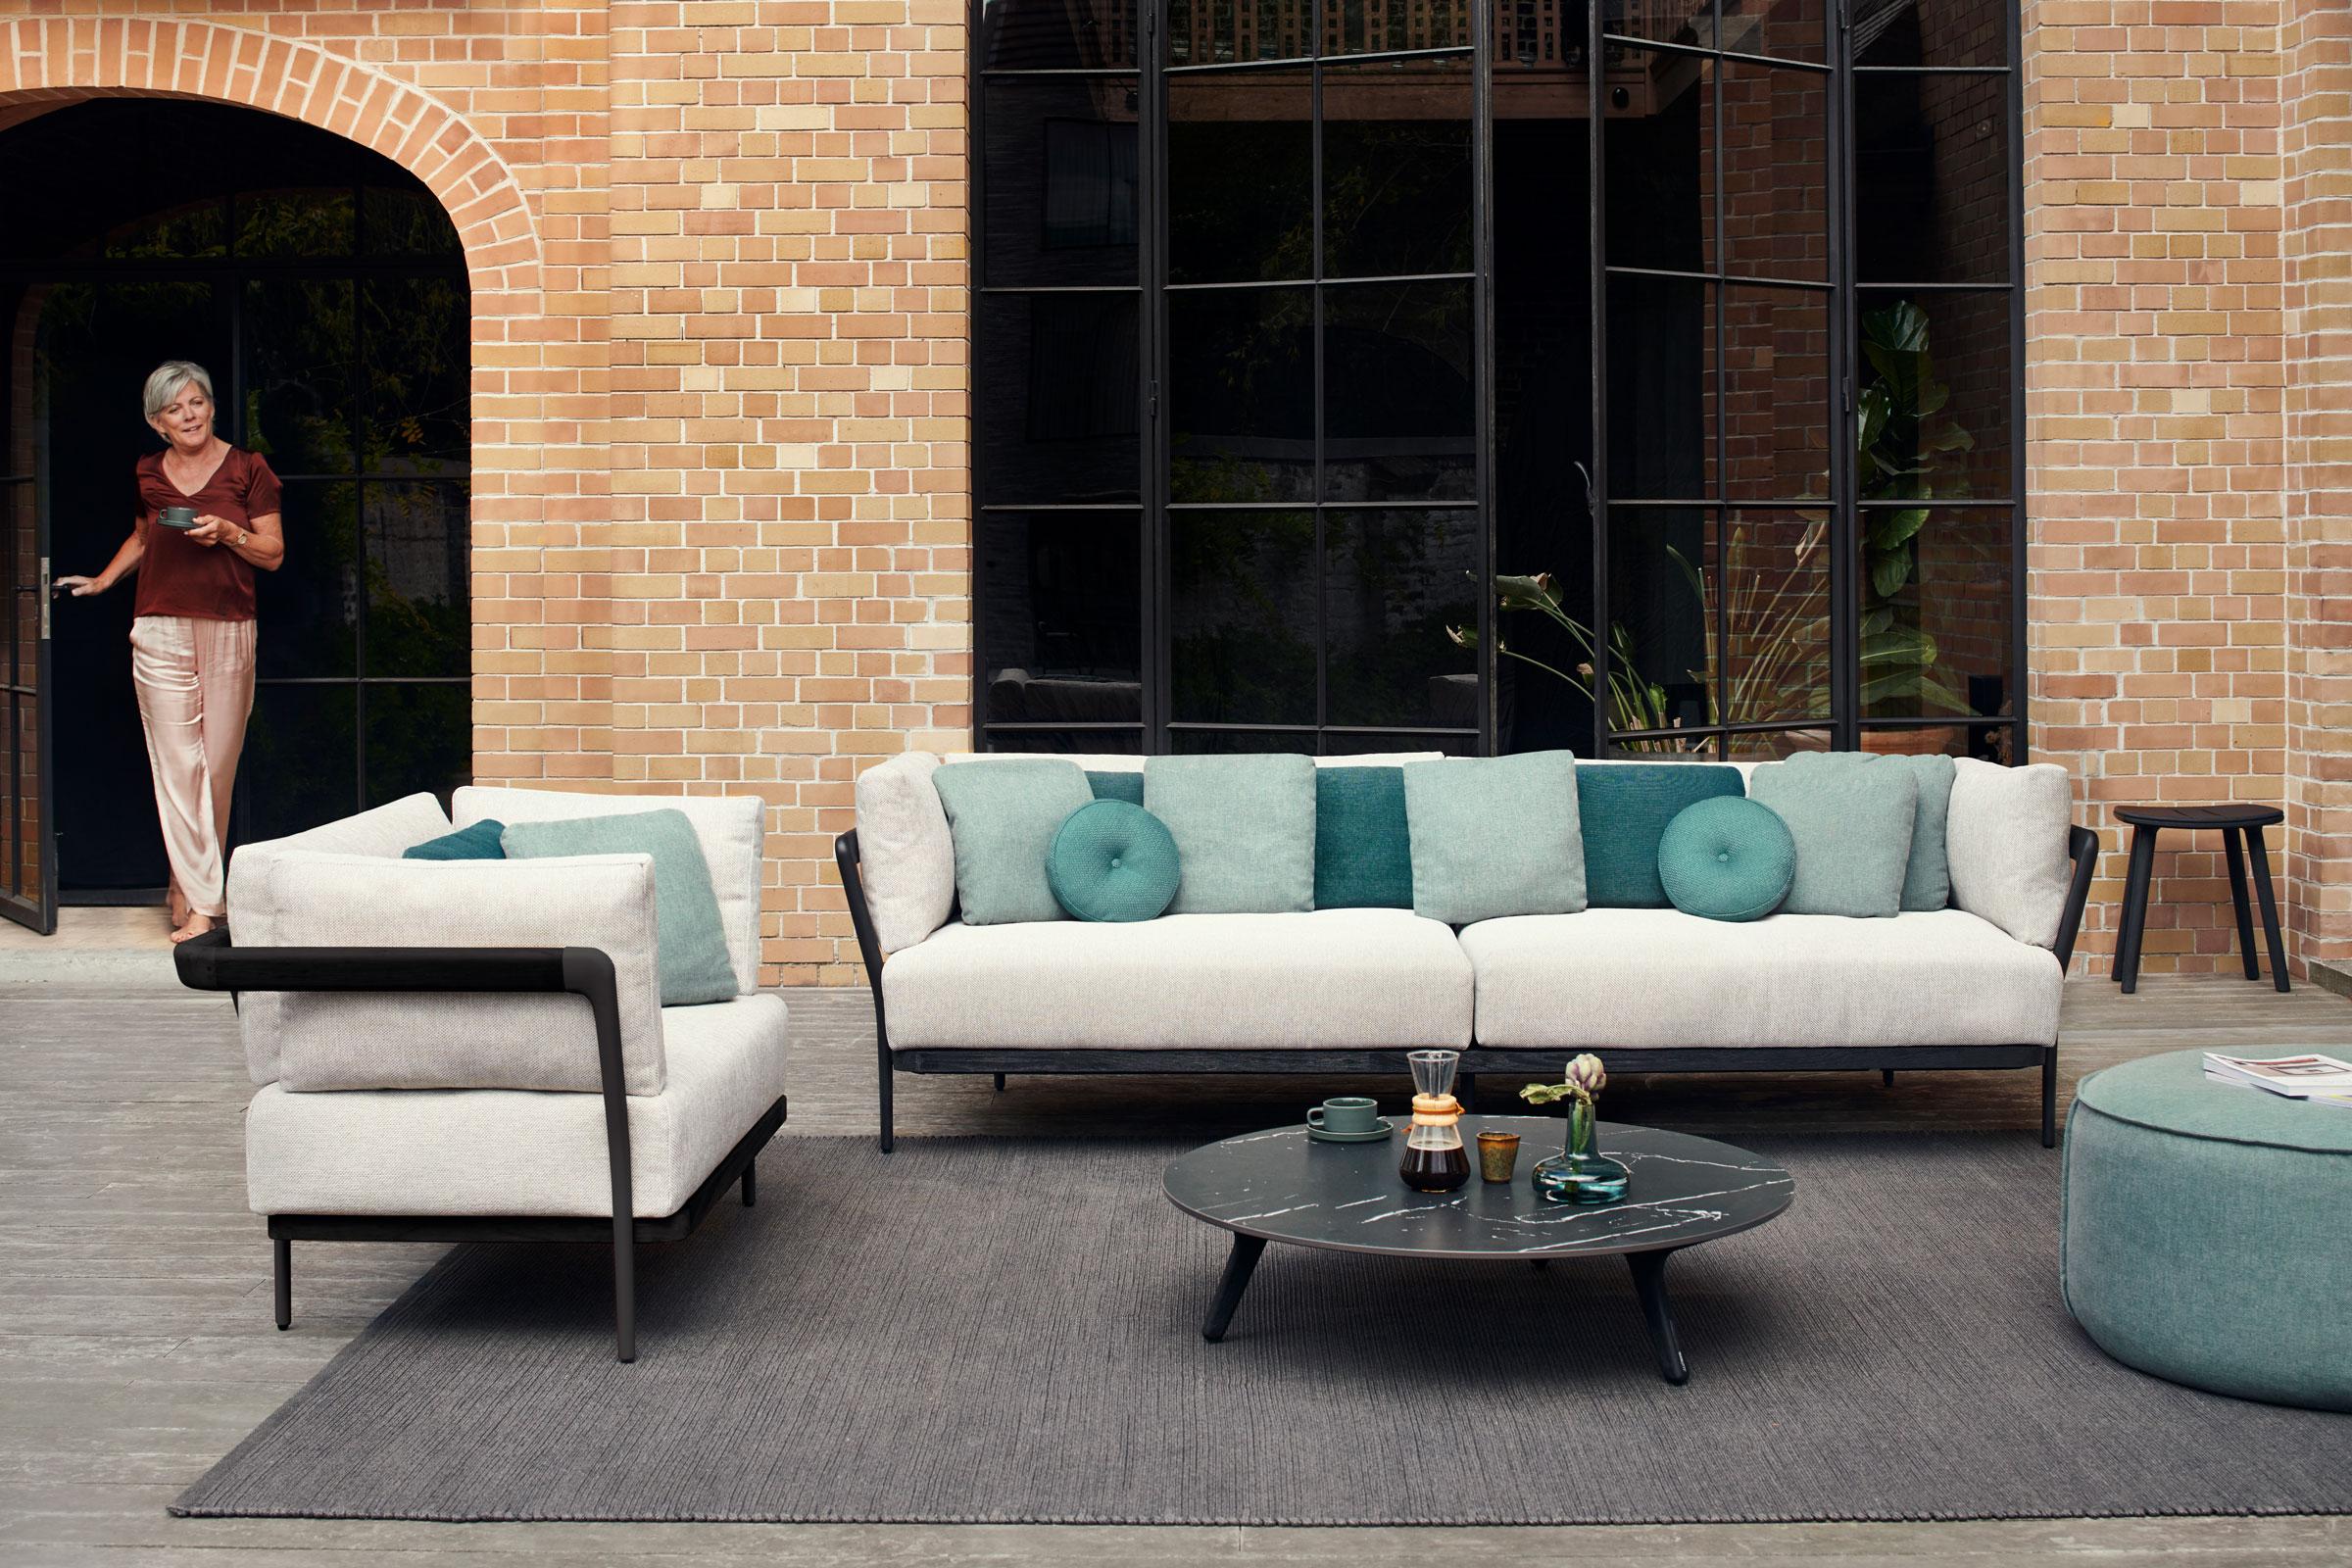 hauser-design-manutti-lounge-flex-in-hell-mit-türkis-kissen